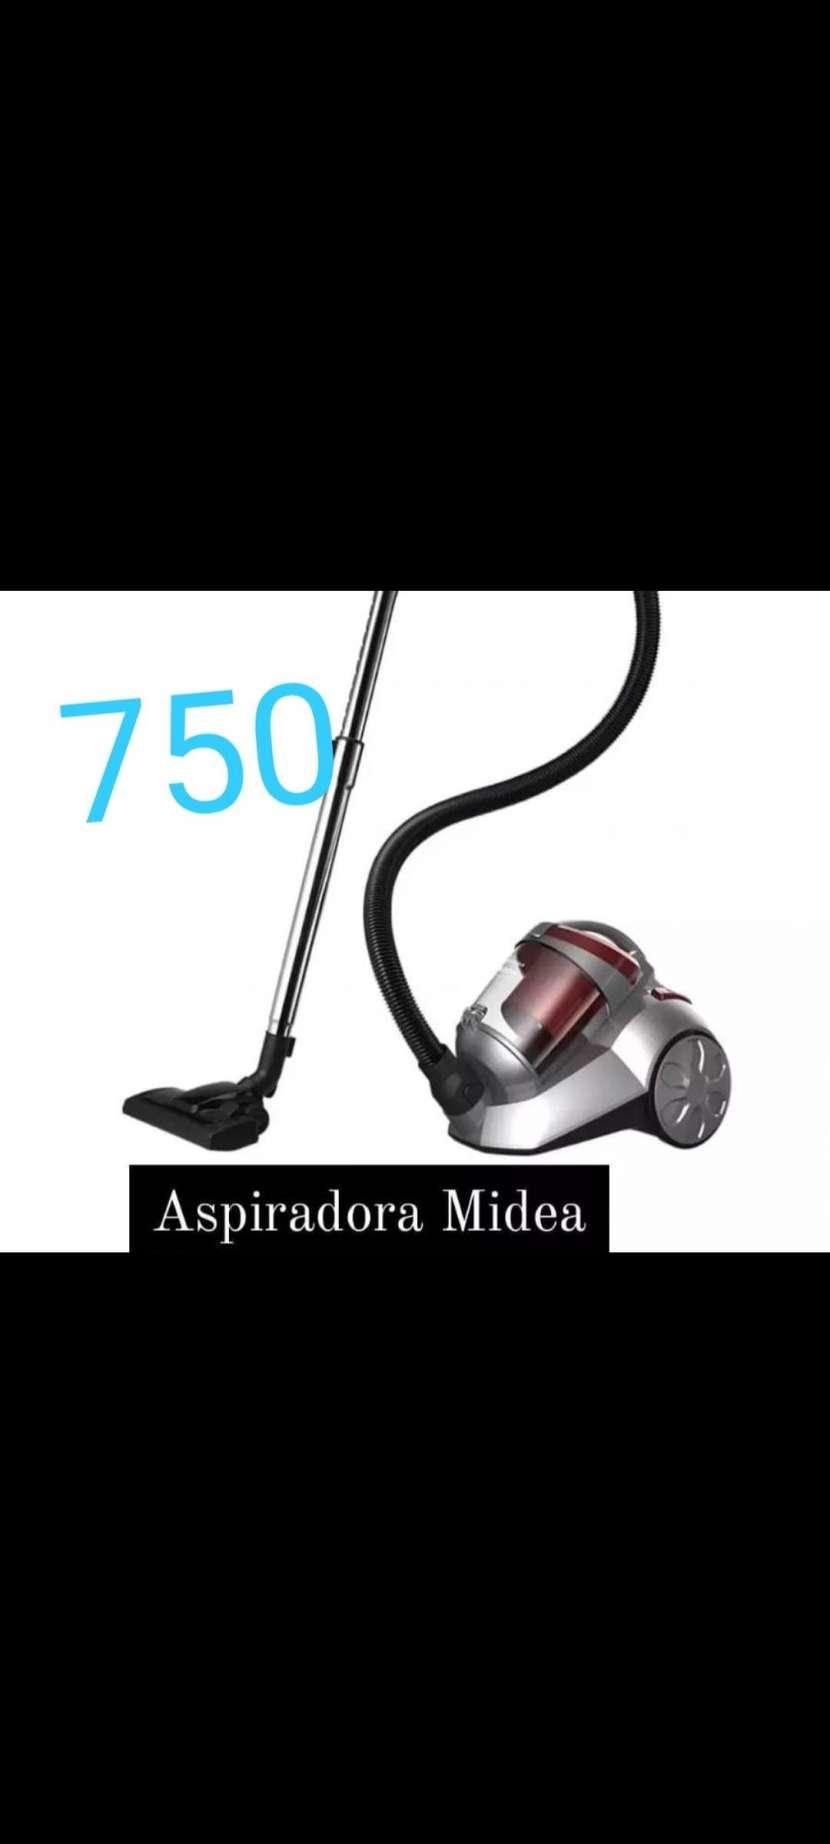 Aspiradora Midea - 0